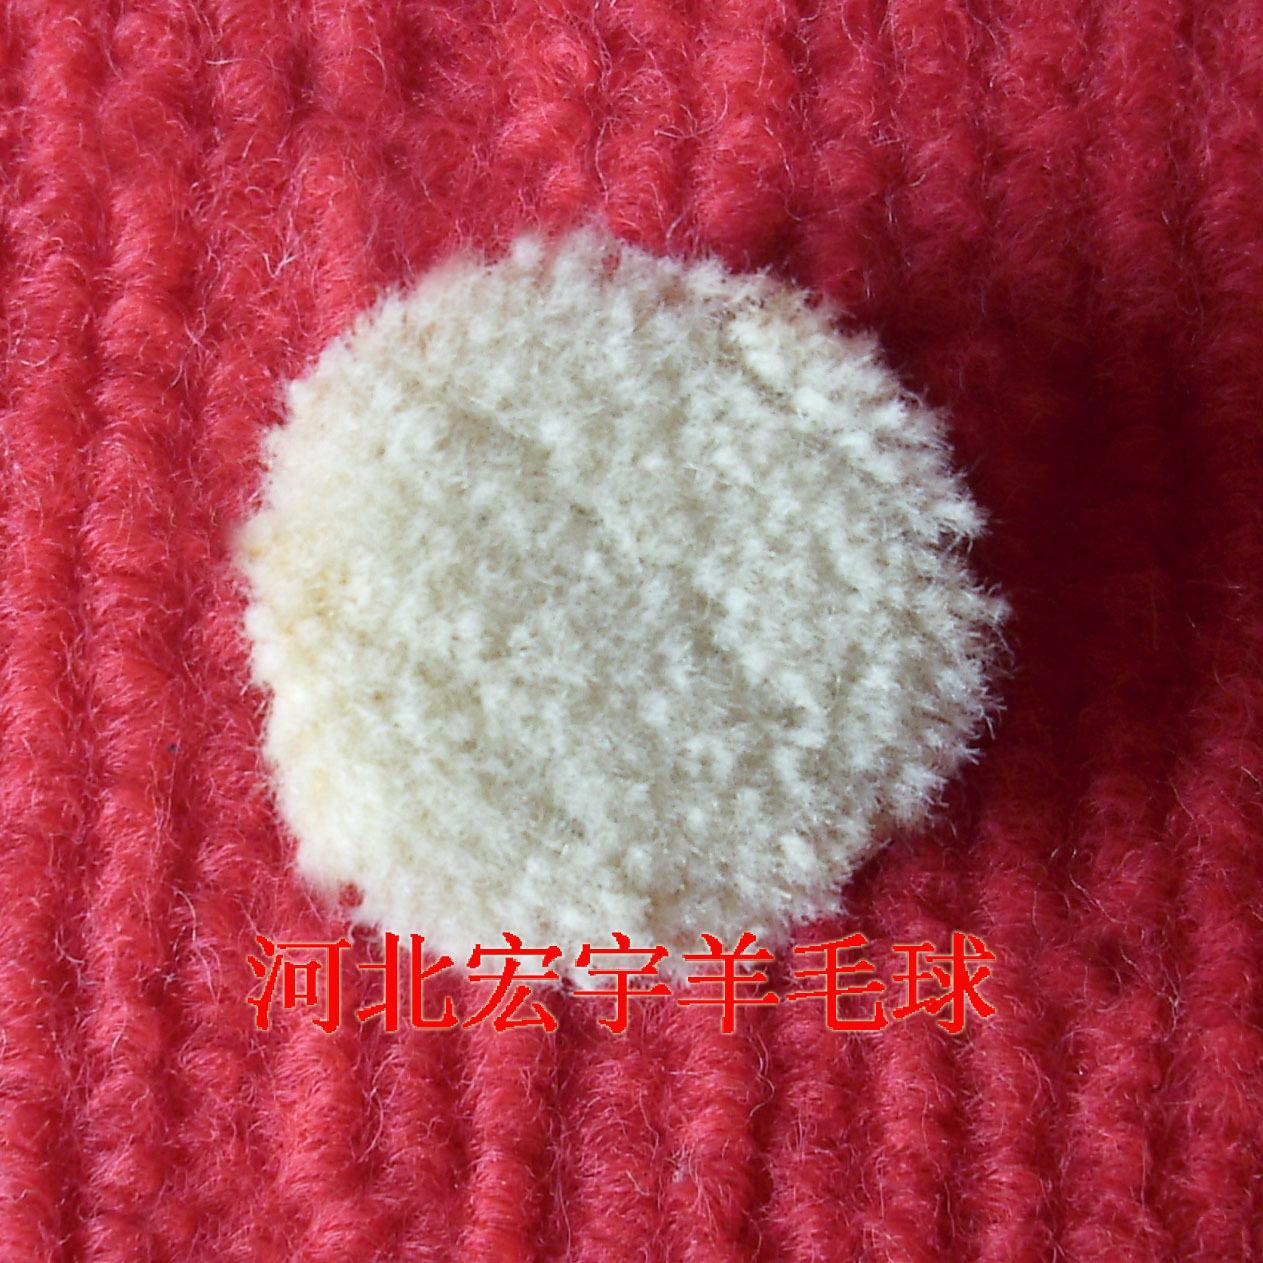 1-tolline lühikesed juuksed 6 mm pikk villane pallivillaplaat poleerimisplaat poleerimispalli poleerimine 25 elektritöökoda